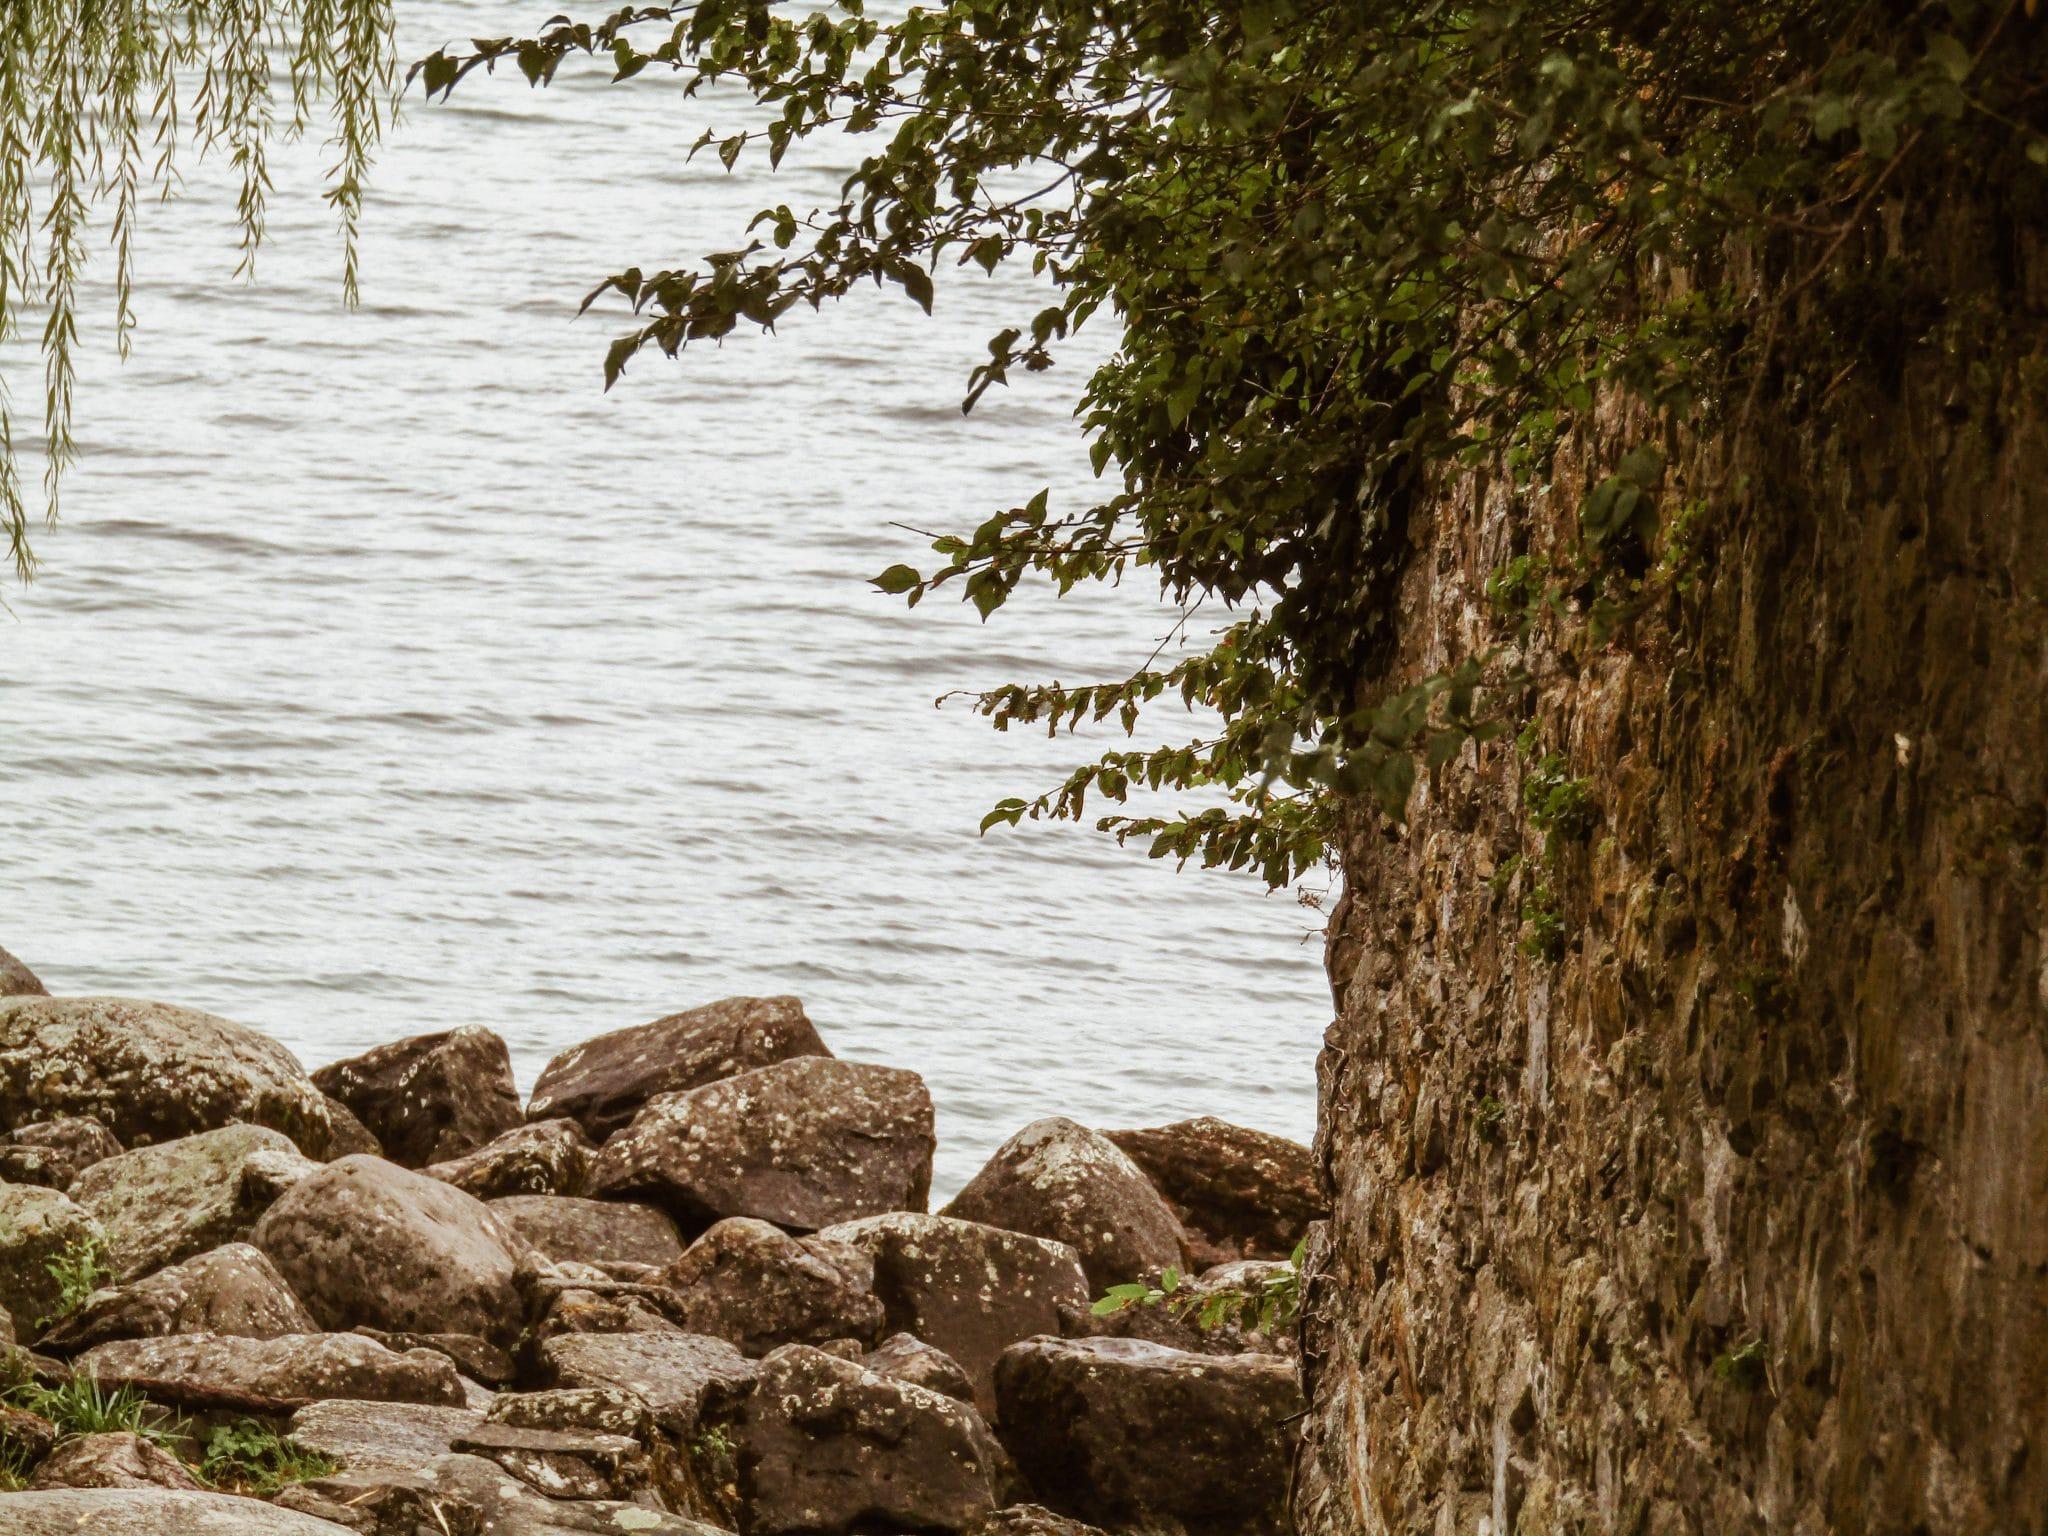 Yvoire - Lac Leman - Balade - Visite - promenade - découverte - château - baignade - tourisme - découverte - vin